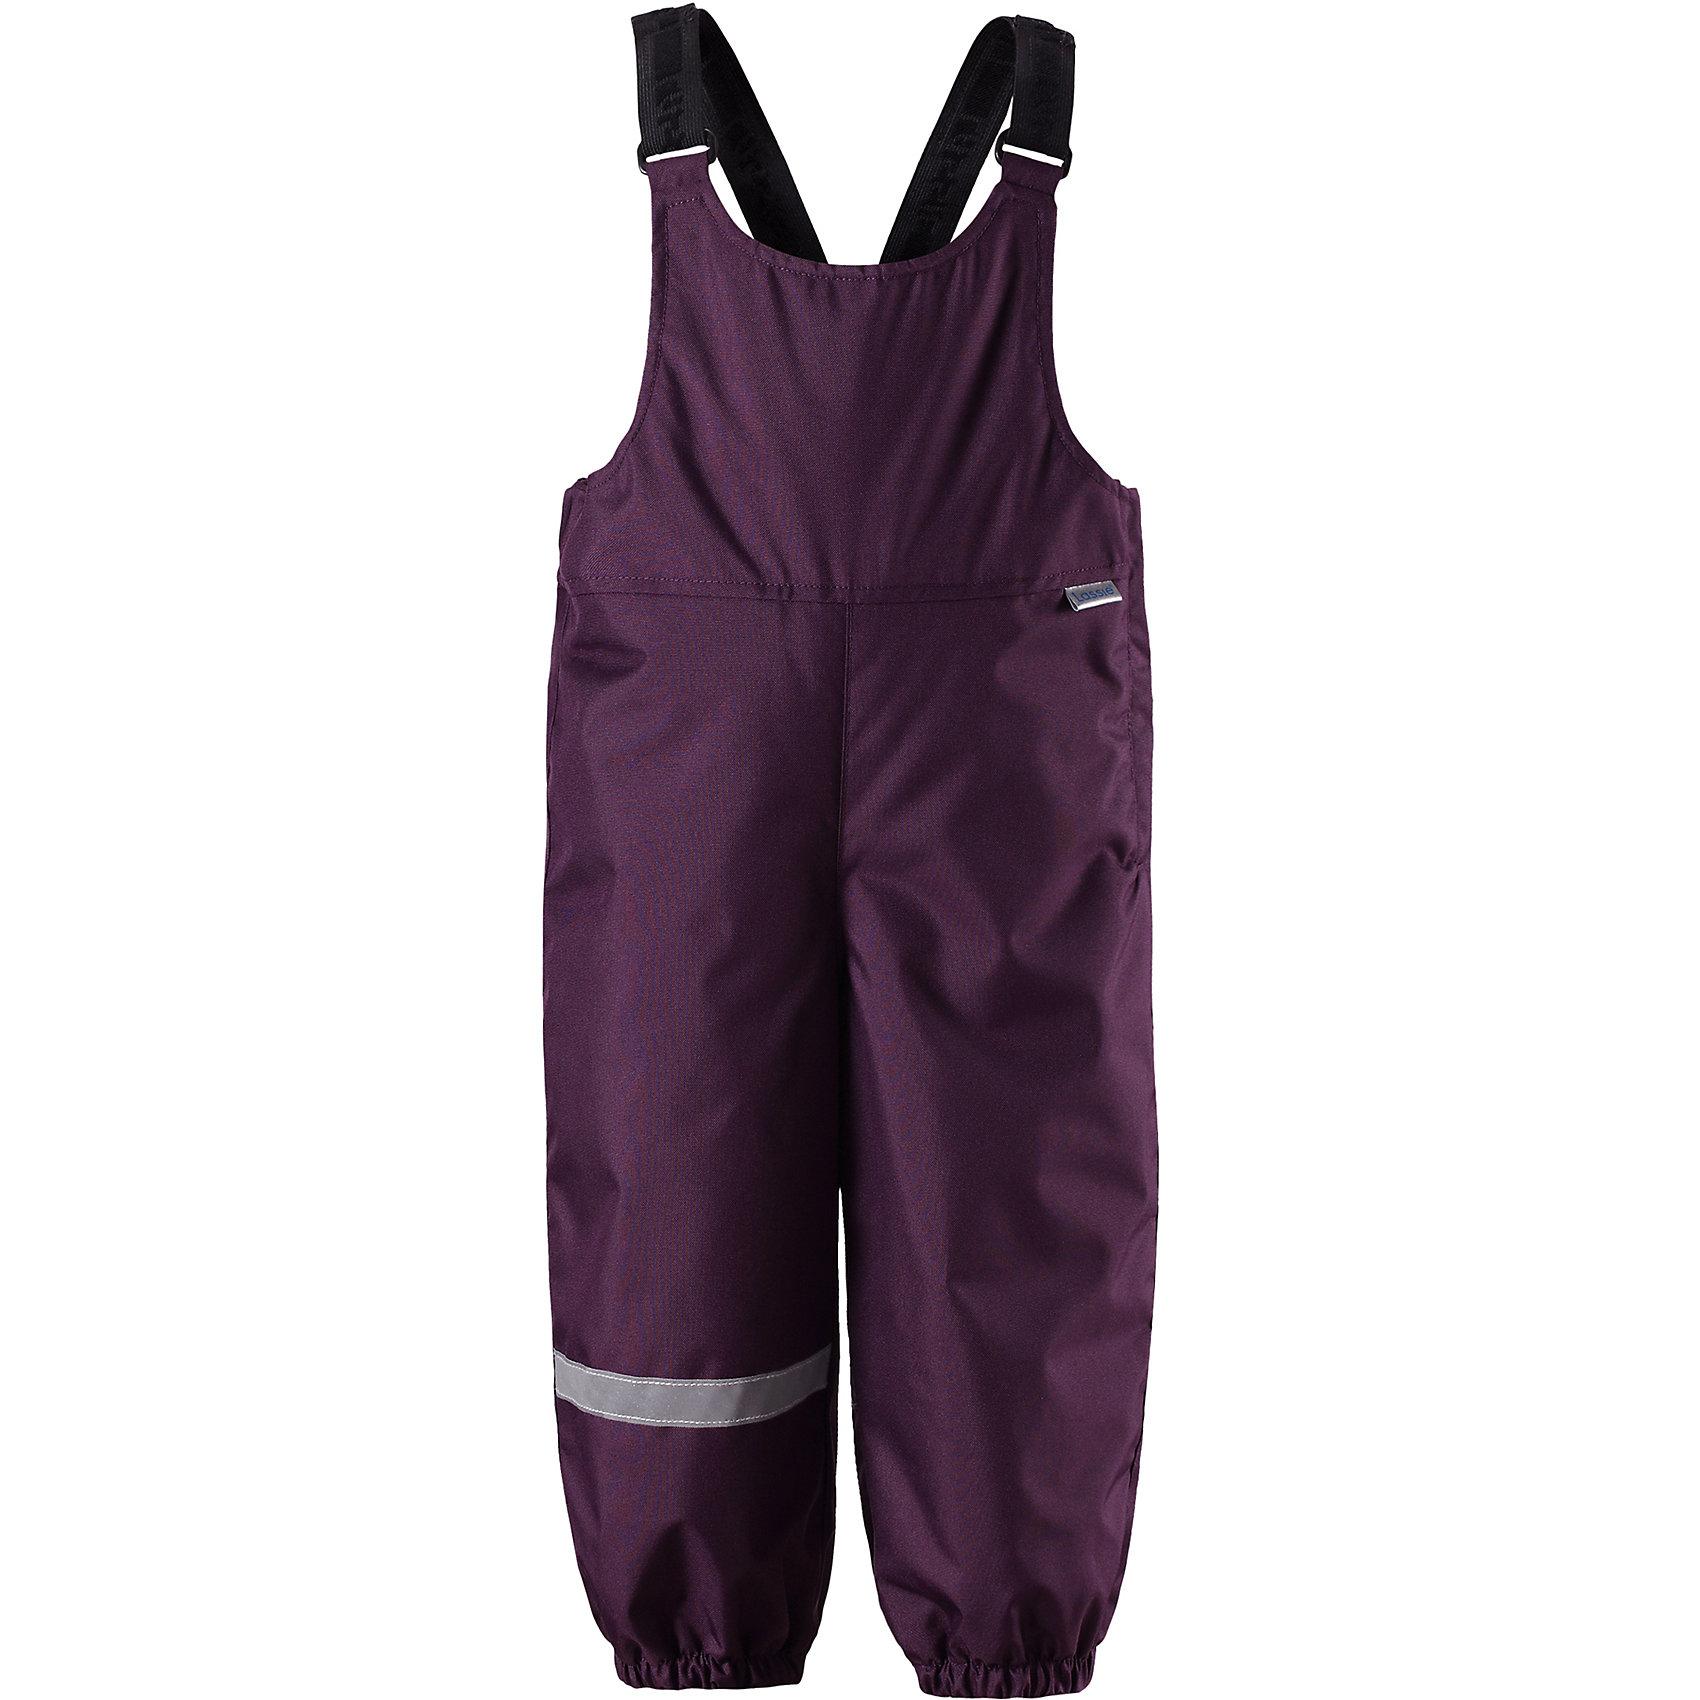 Брюки LassieВерхняя одежда<br>Характеристики товара:<br><br>• цвет: фиолетовый;<br>• состав: 100% полиэстер, полиуретановое покрытие;<br>• подкладка: 100% полиэстер;<br>• утеплитель: 140 г/м2;<br>• сезон: зима;<br>• температурный режим: от 0 до -20С;<br>• водонепроницаемость: 1000 мм;<br>• воздухопроницаемость: 2000 мм;<br>• износостойкость: 20000 циклов (тест Мартиндейла)<br>• застежка: молния сбоку;<br>• водоотталкивающий, ветронепроницаемый и дышащий материал;<br>• задний серединный шов проклеен;<br>• гладкая подкладка из полиэстера;<br>• эластичные штанины;<br>• регулируемые эластичные подтяжки;<br>• светоотражающие детали;<br>• страна бренда: Финляндия;<br>• страна изготовитель: Китай;<br><br>Теплые зимние брюки для малышей с регулируемыми подтяжками и съемными штрипками очень удобно сидят. Молния сбоку облегчает надевание, а флисовая подкладка на седалище обеспечивает дополнительное утепление. <br><br>Брюки Lassie (Ласси) можно купить в нашем интернет-магазине.<br><br>Ширина мм: 215<br>Глубина мм: 88<br>Высота мм: 191<br>Вес г: 336<br>Цвет: лиловый<br>Возраст от месяцев: 24<br>Возраст до месяцев: 36<br>Пол: Унисекс<br>Возраст: Детский<br>Размер: 98,74,80,86,92<br>SKU: 6905388